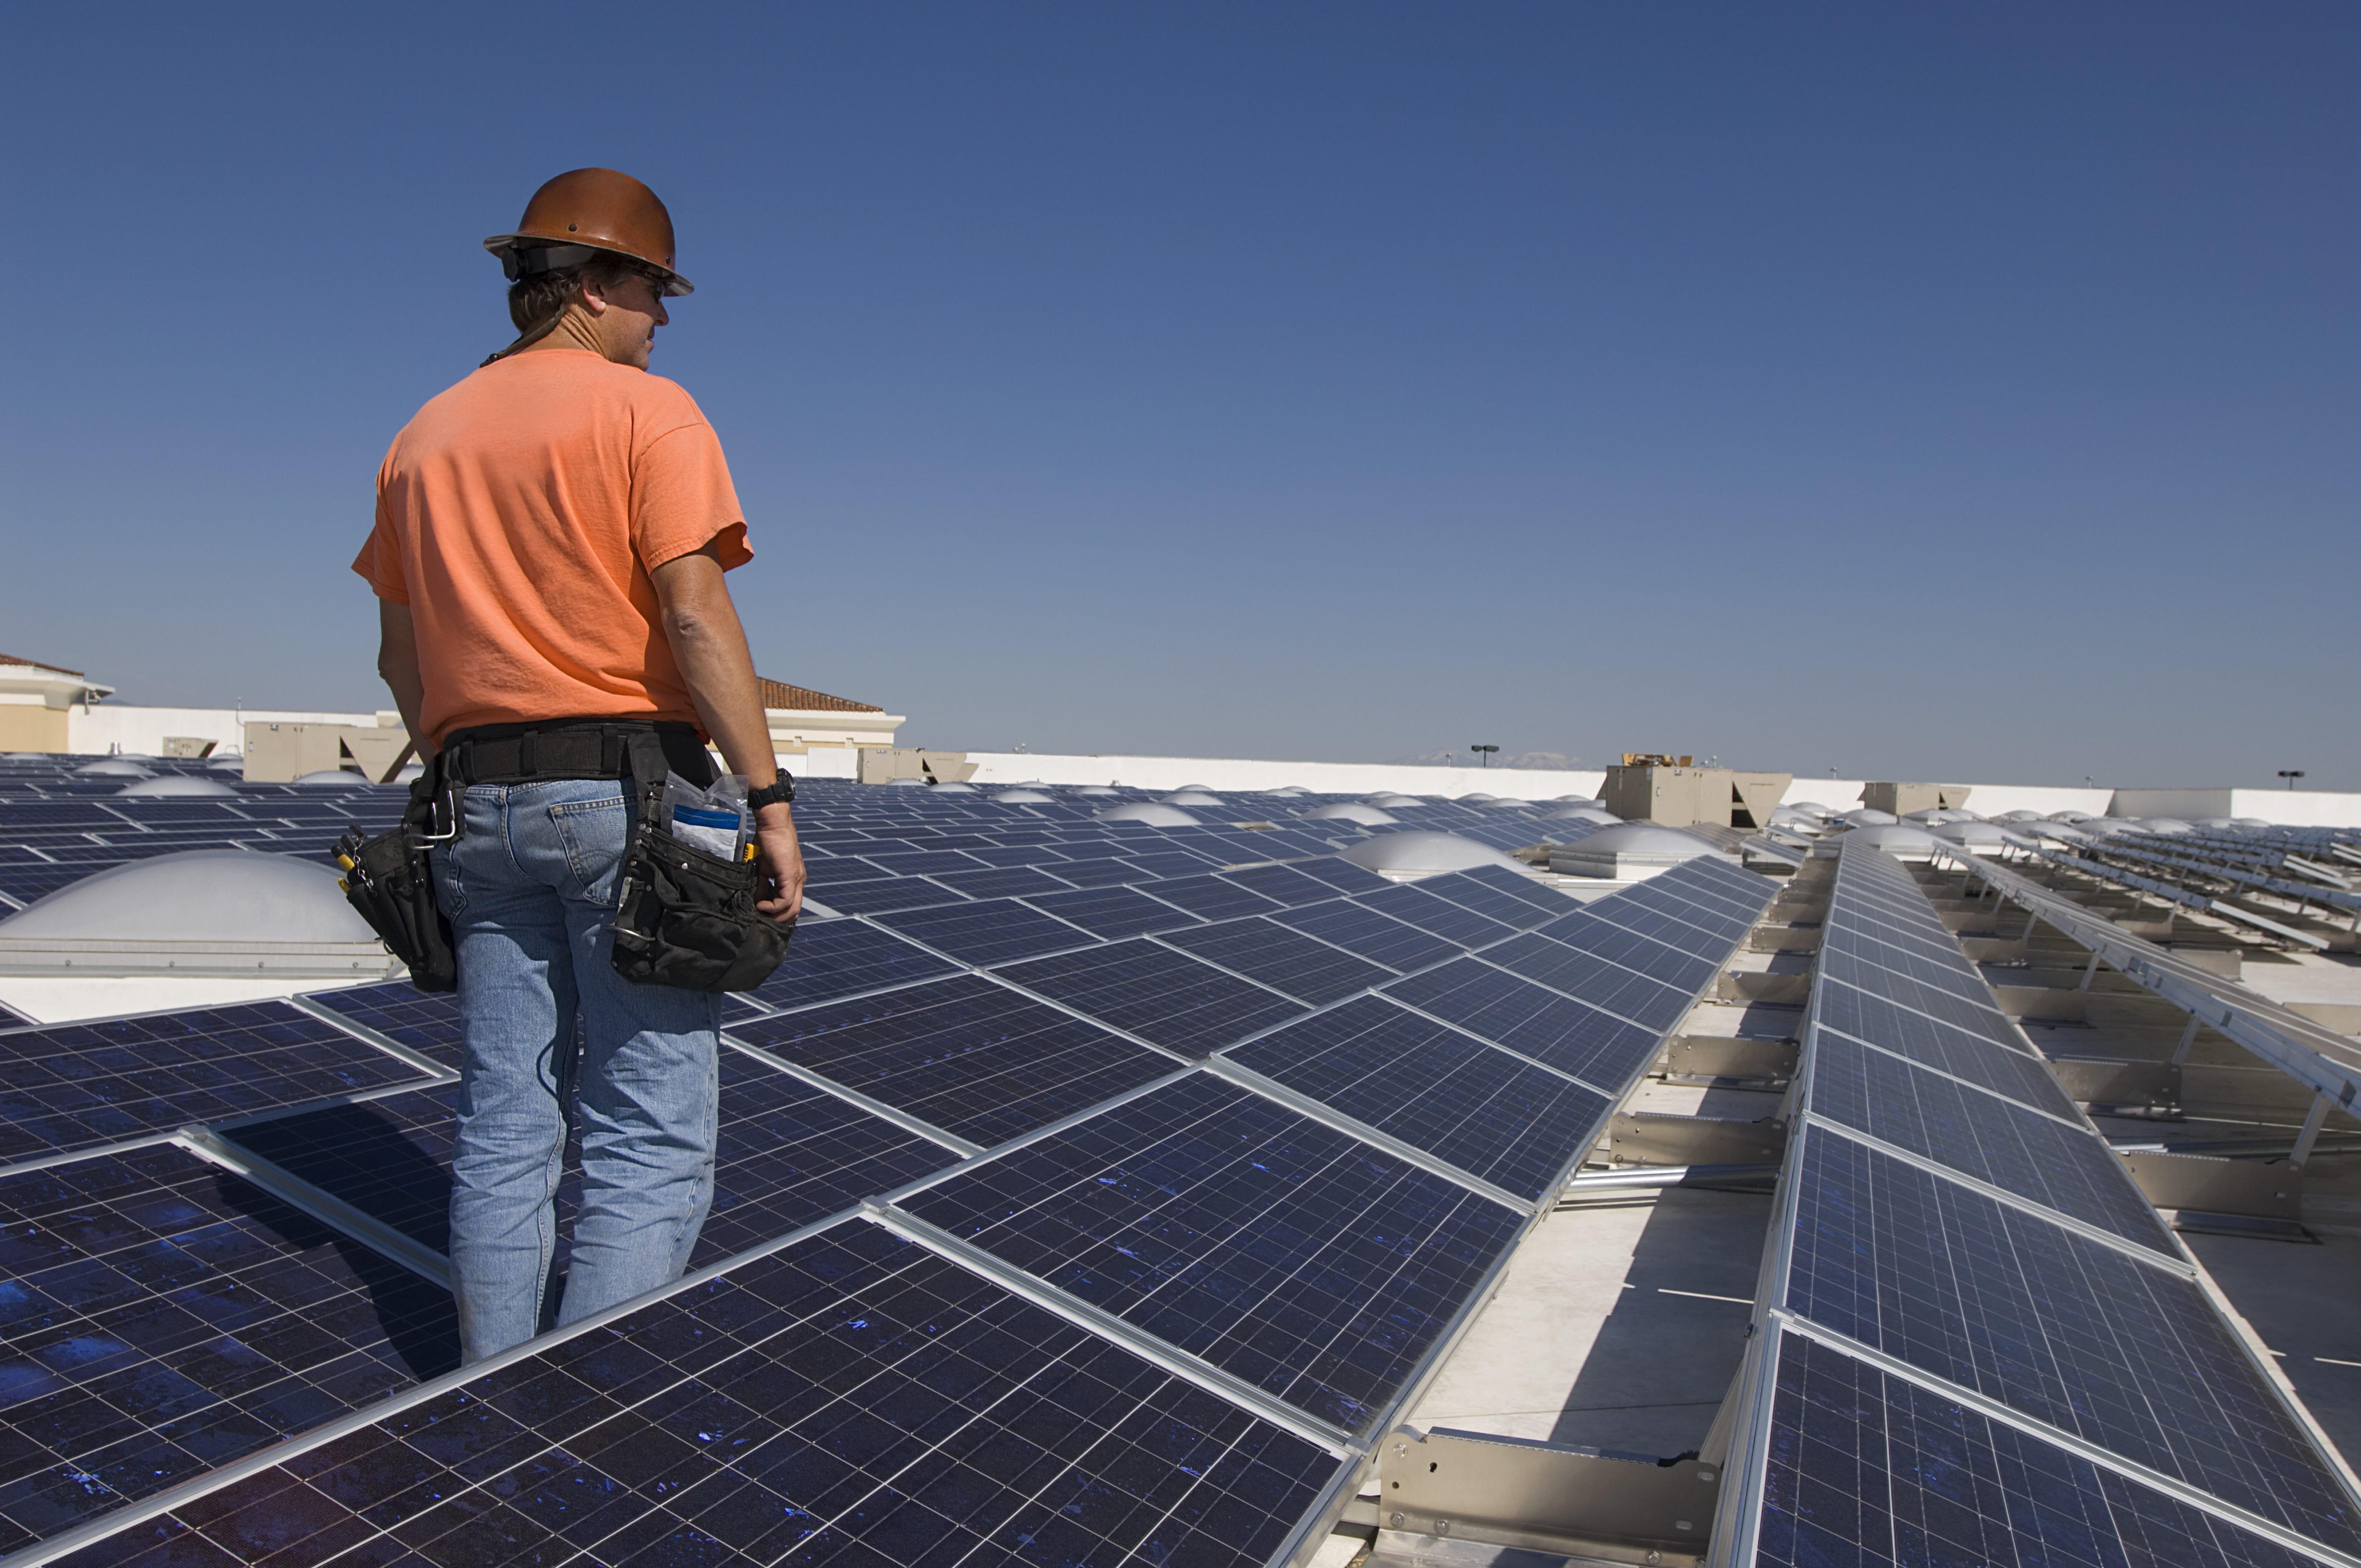 ייצור חשמל סולרי – מה נדרש לשם כך